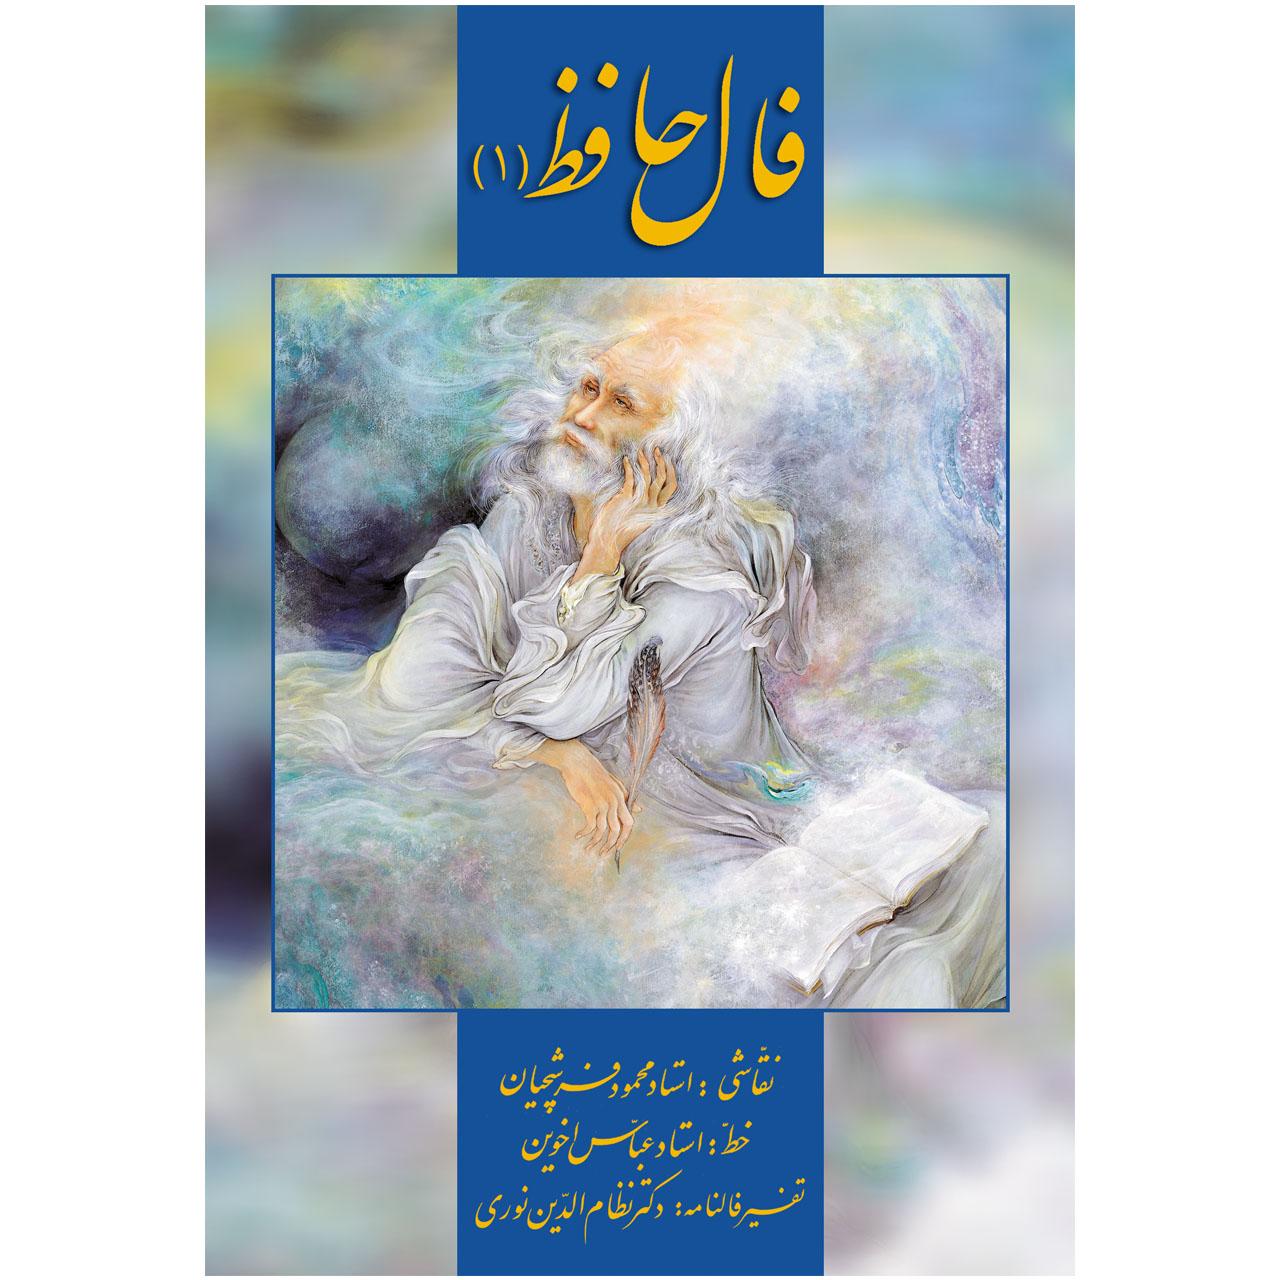 کتاب فال حافظ 1 اثر حافظ شیرازی و تفسیر فالنامۀ دکتر نظام الدین نوری